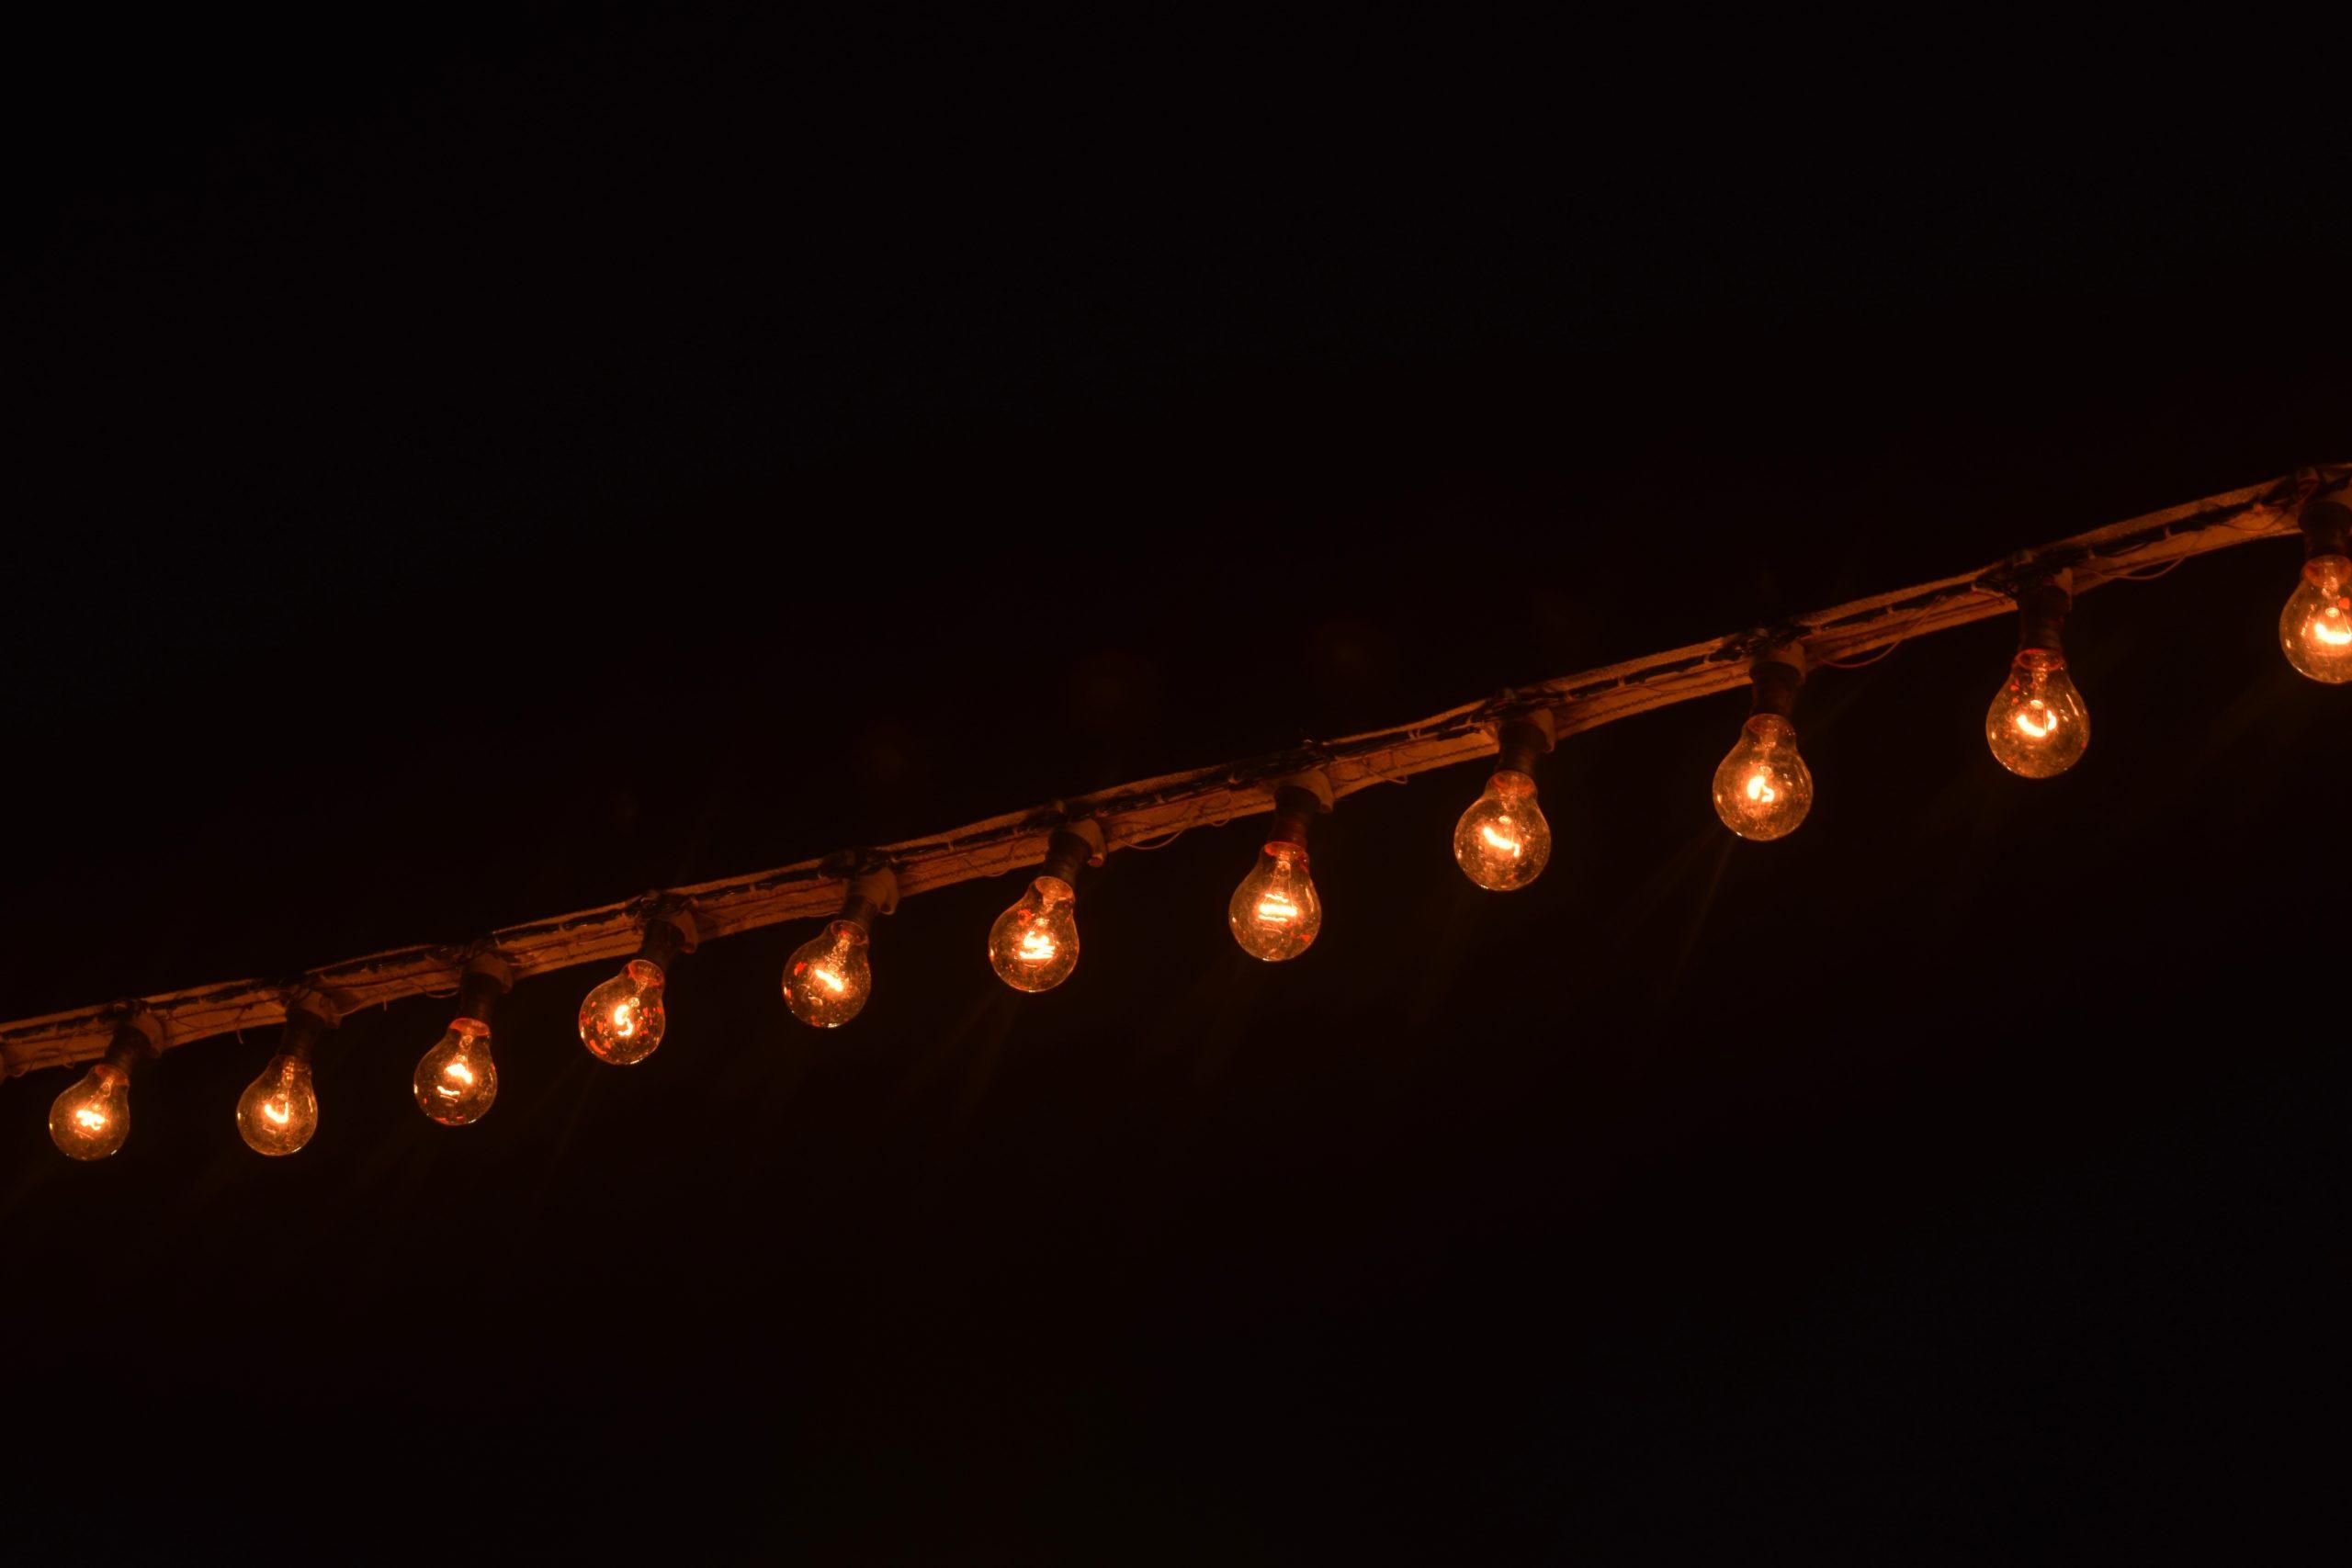 a series of light bulbs